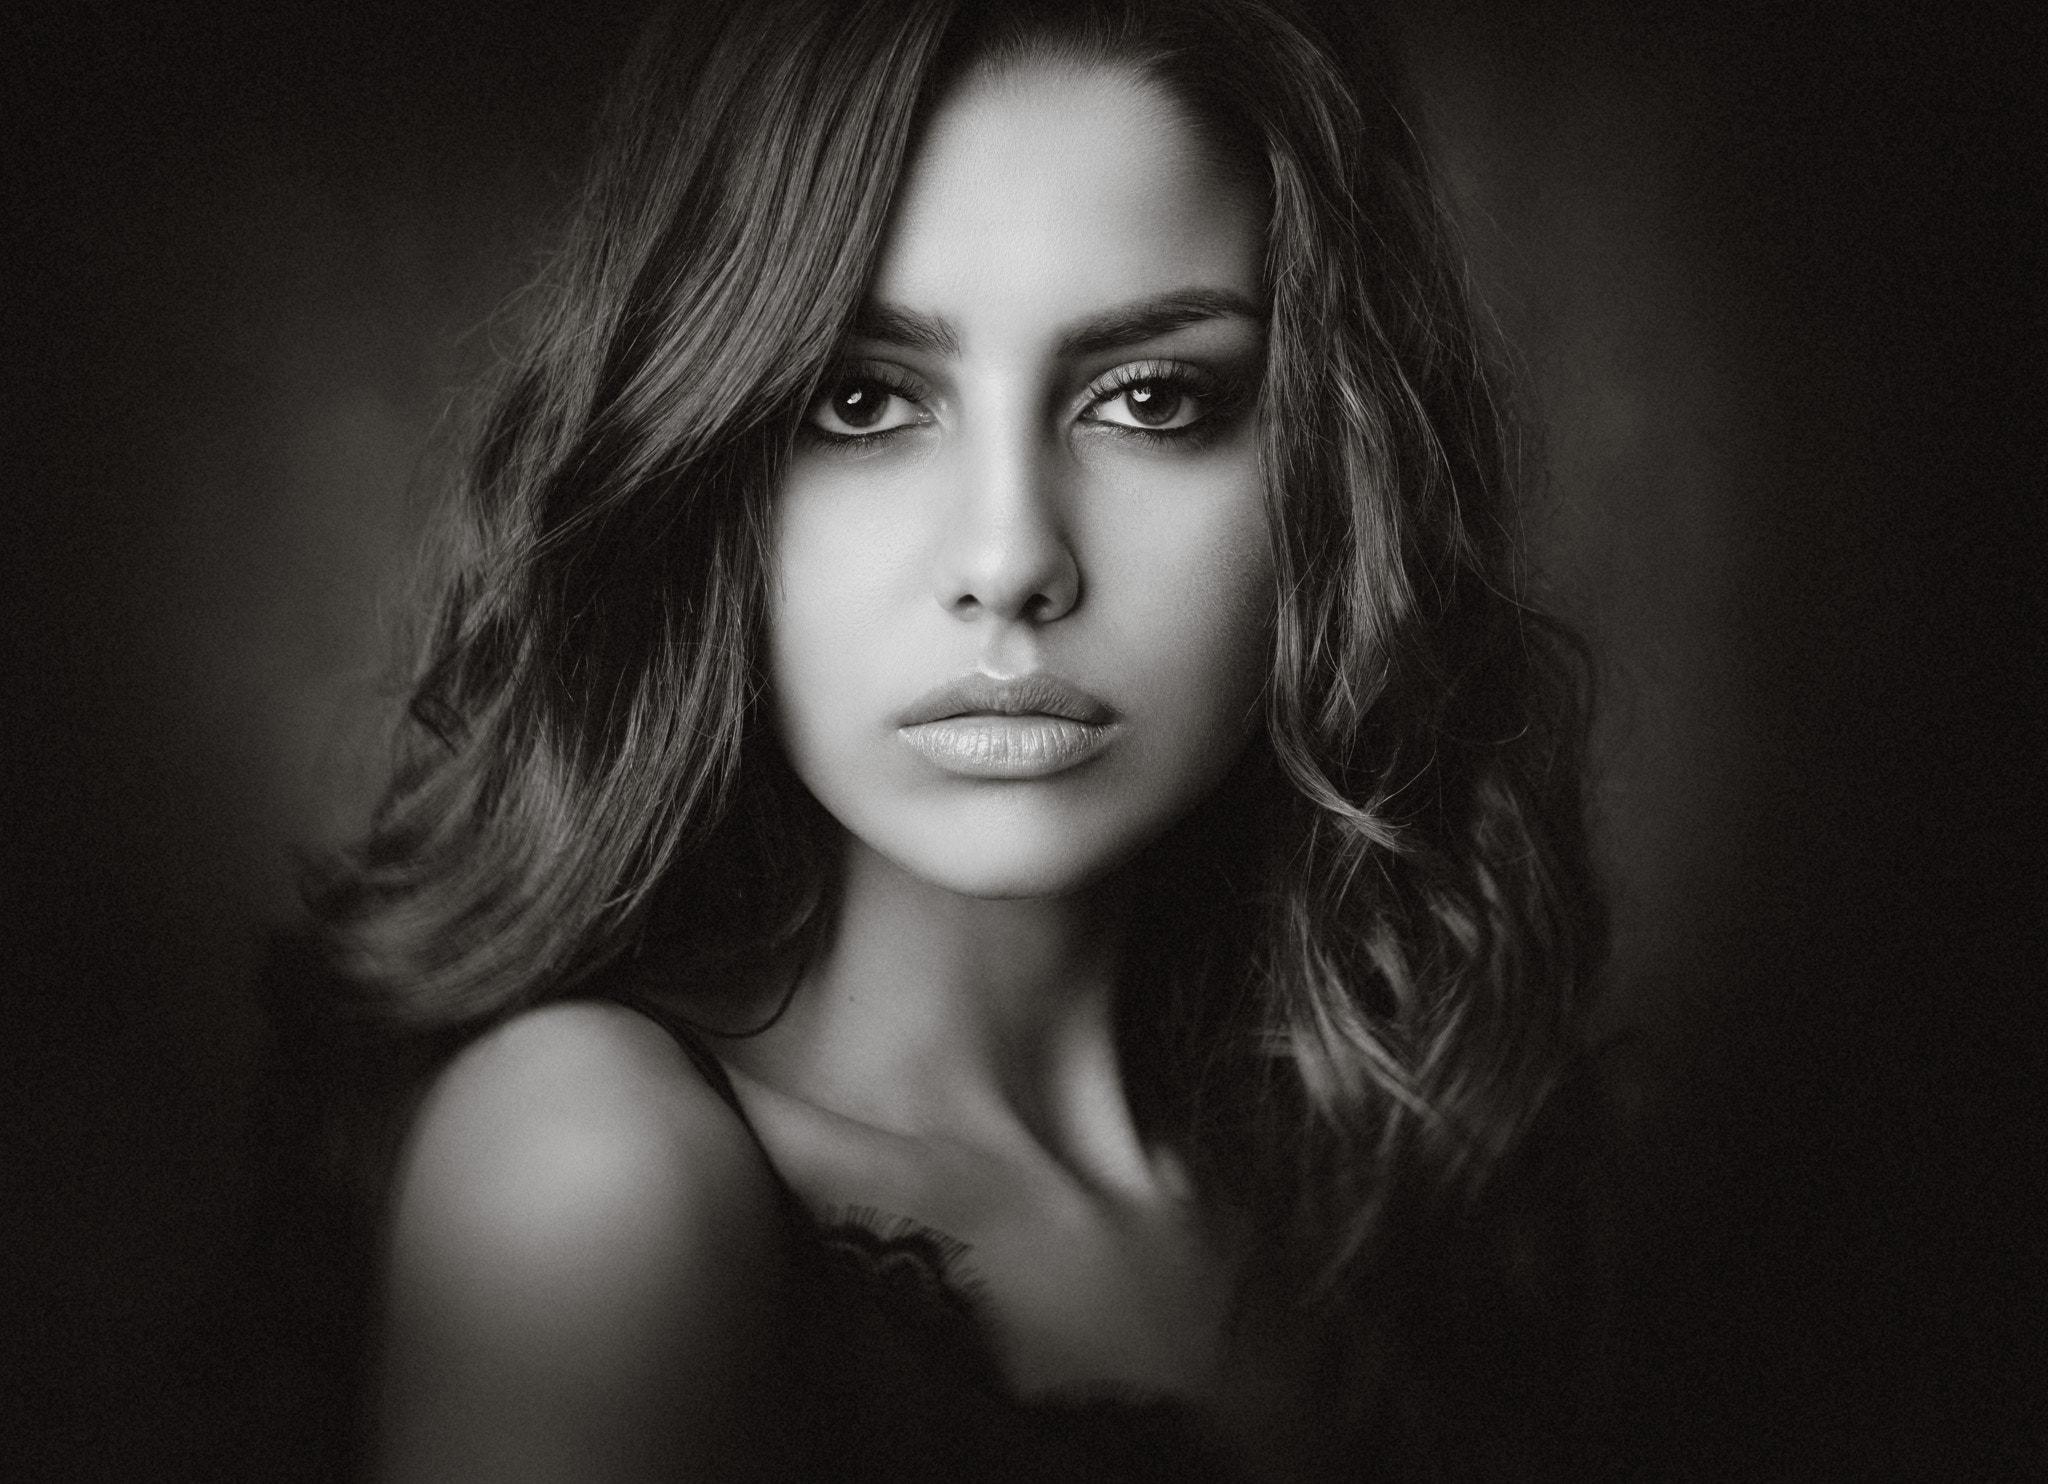 Красивые портреты фото профессионалов